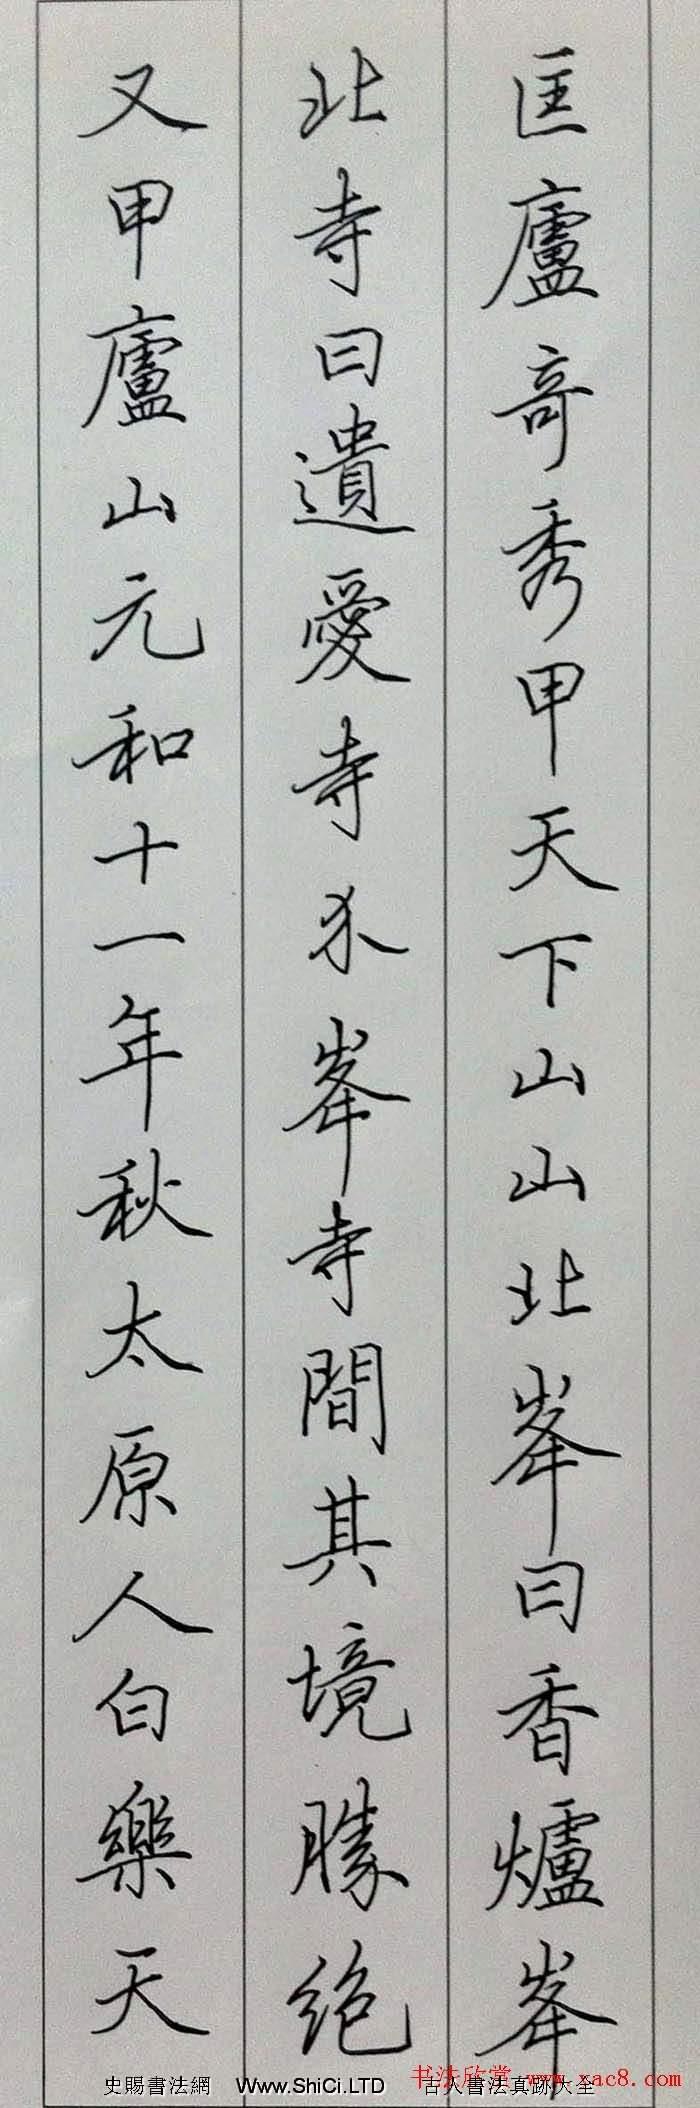 田英章硬筆書法行書草堂記(共9張圖片)